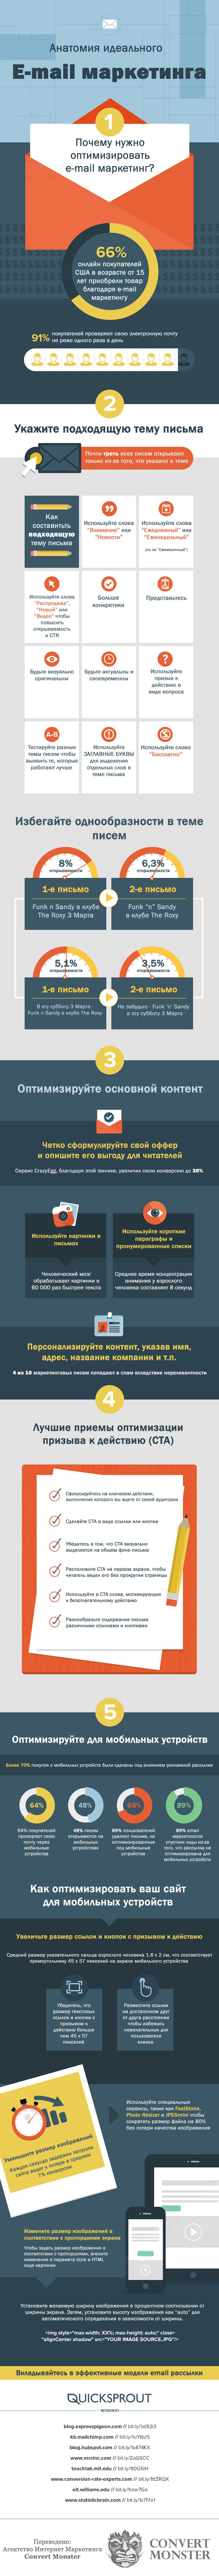 Инфографика как оптимизировать email рассылку под конверсию